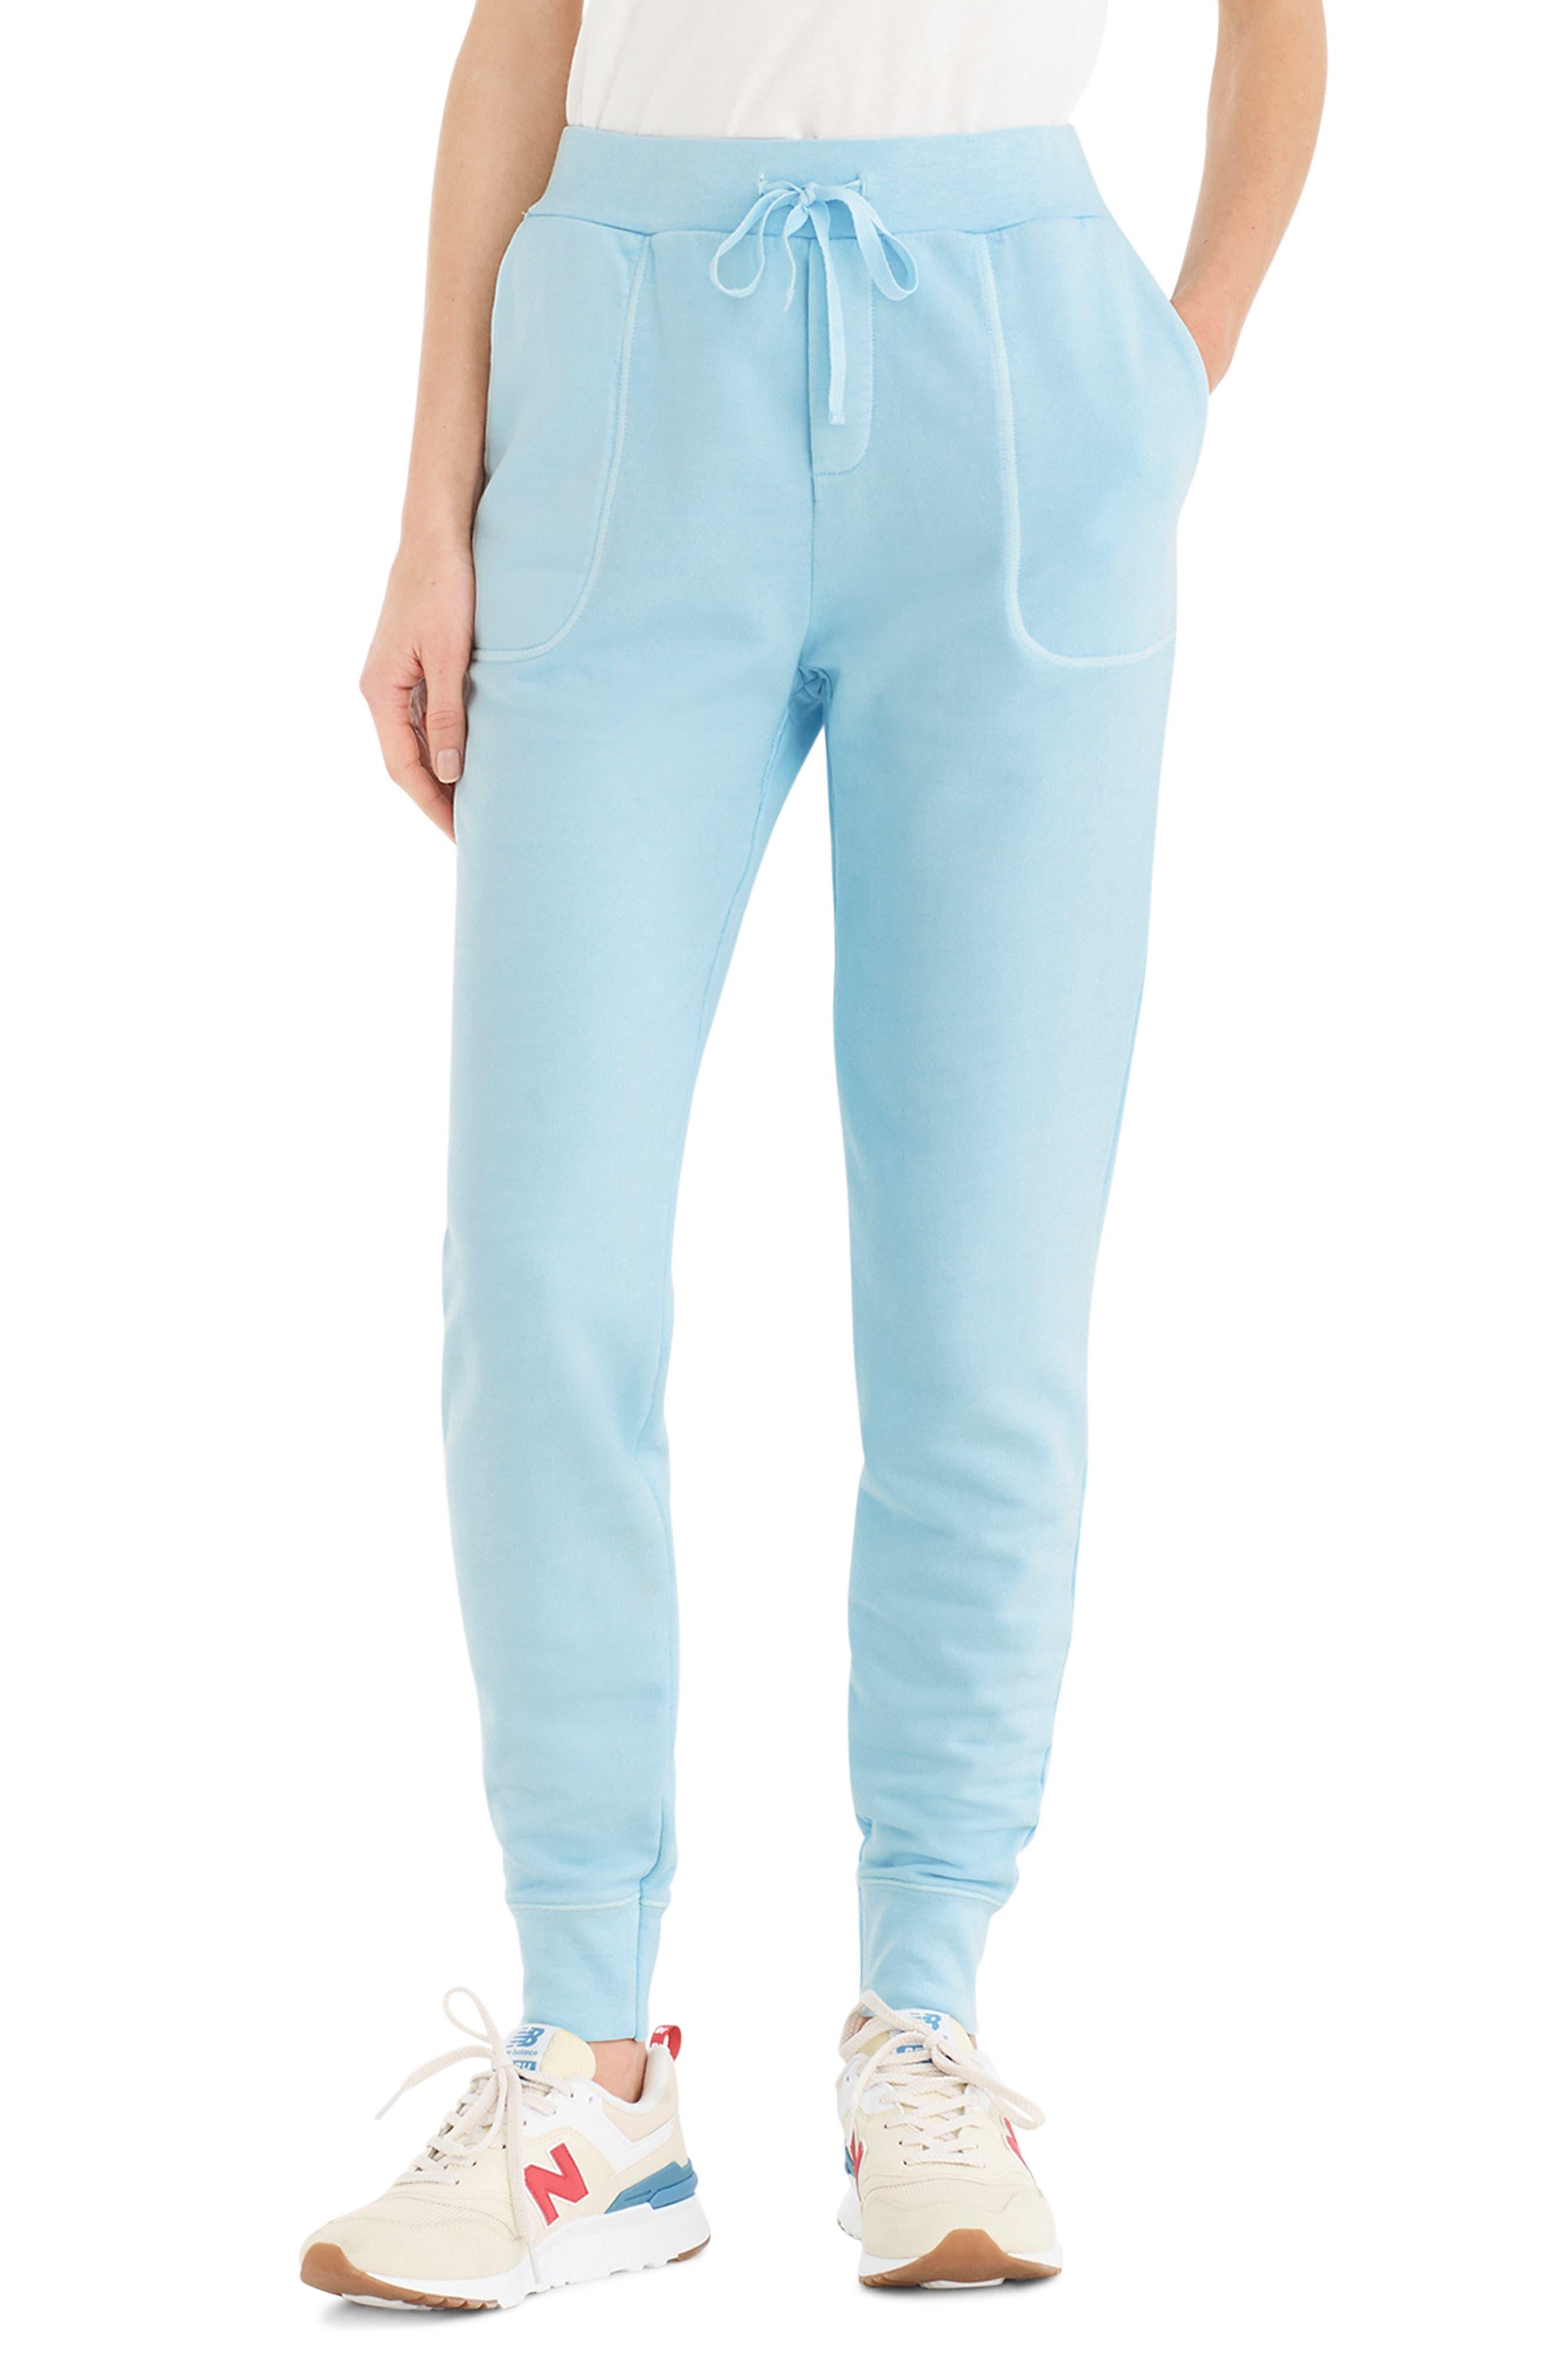 Plus Size J.crew Garment Dyed Cotton Sweatpants, Size - Blue